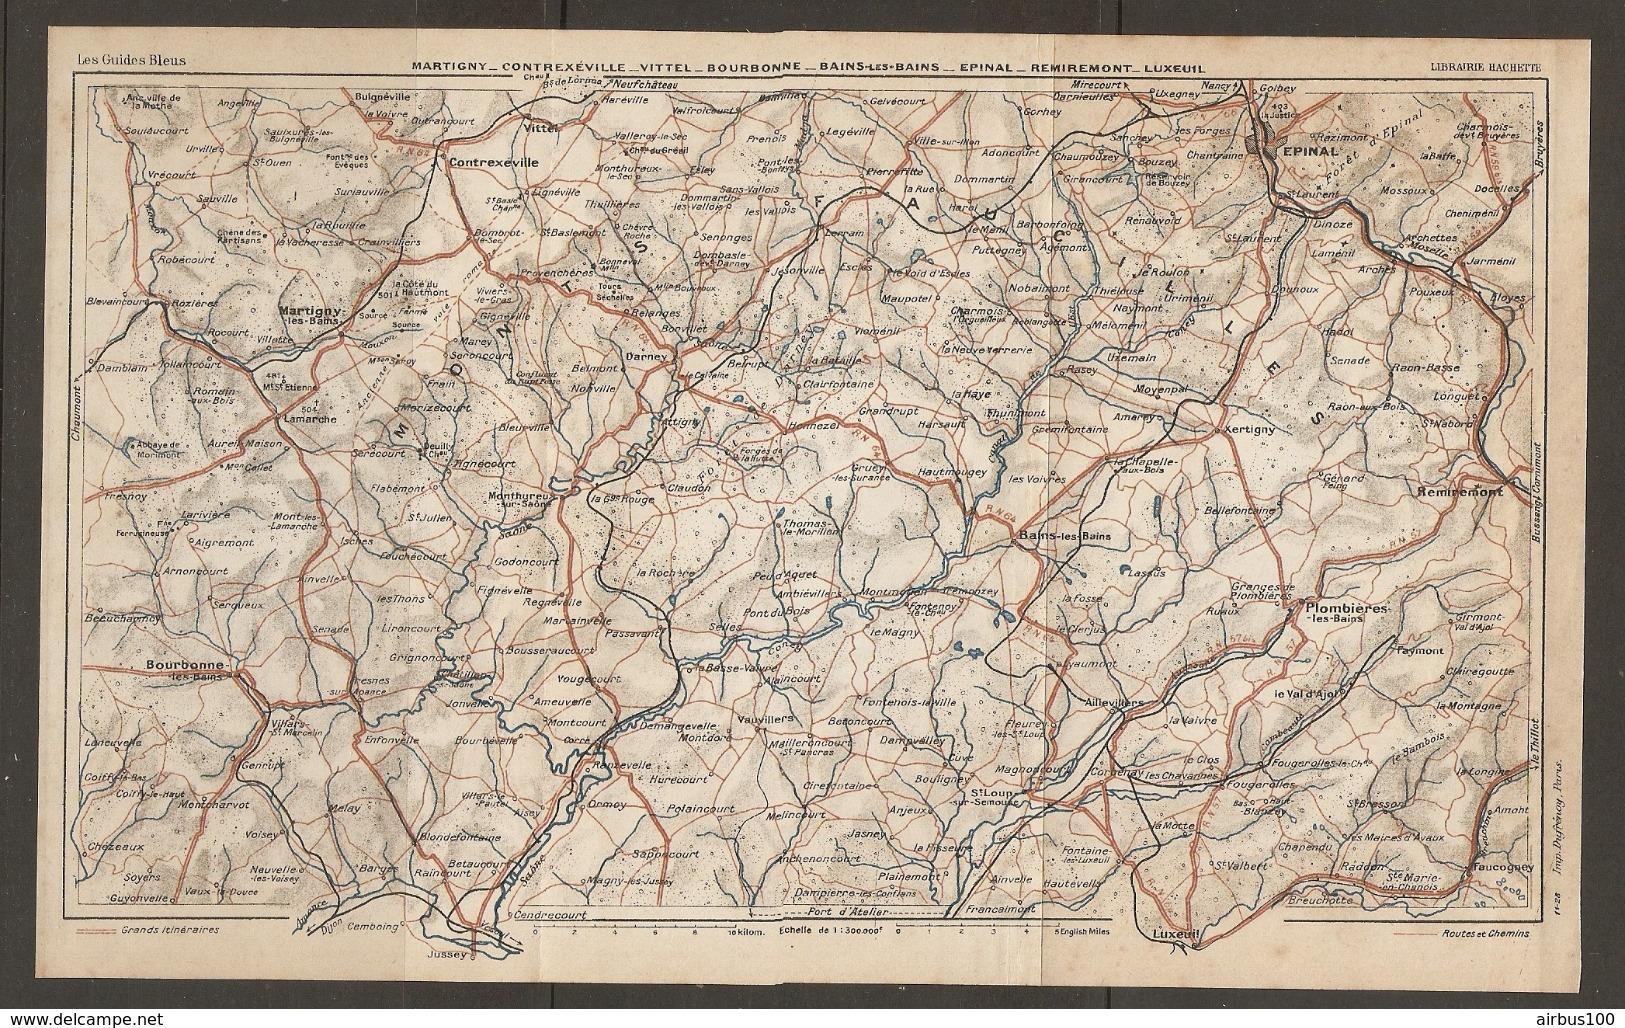 CARTE PLAN 1928 - MARTIGNY CONTREXEVILLE VITTEL BOURBONNE BAINS Les BAINS EPINAL REMIREMONT LUXEUIL - Topographical Maps